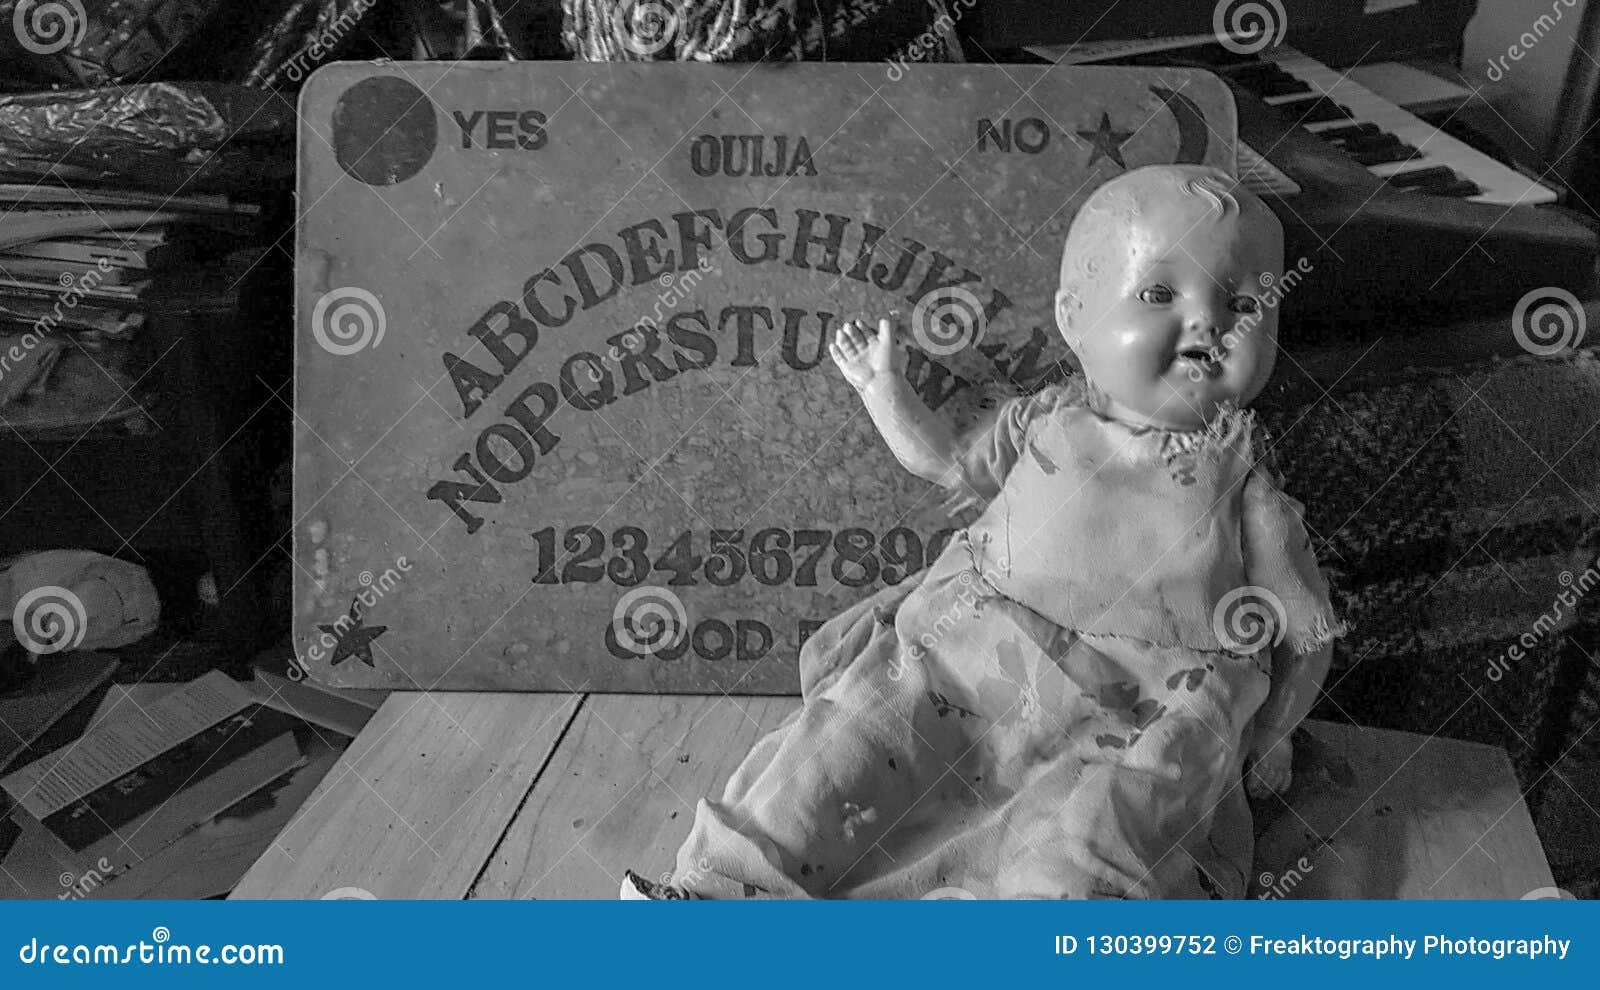 Tablero de Ouija y muñeca espeluznante